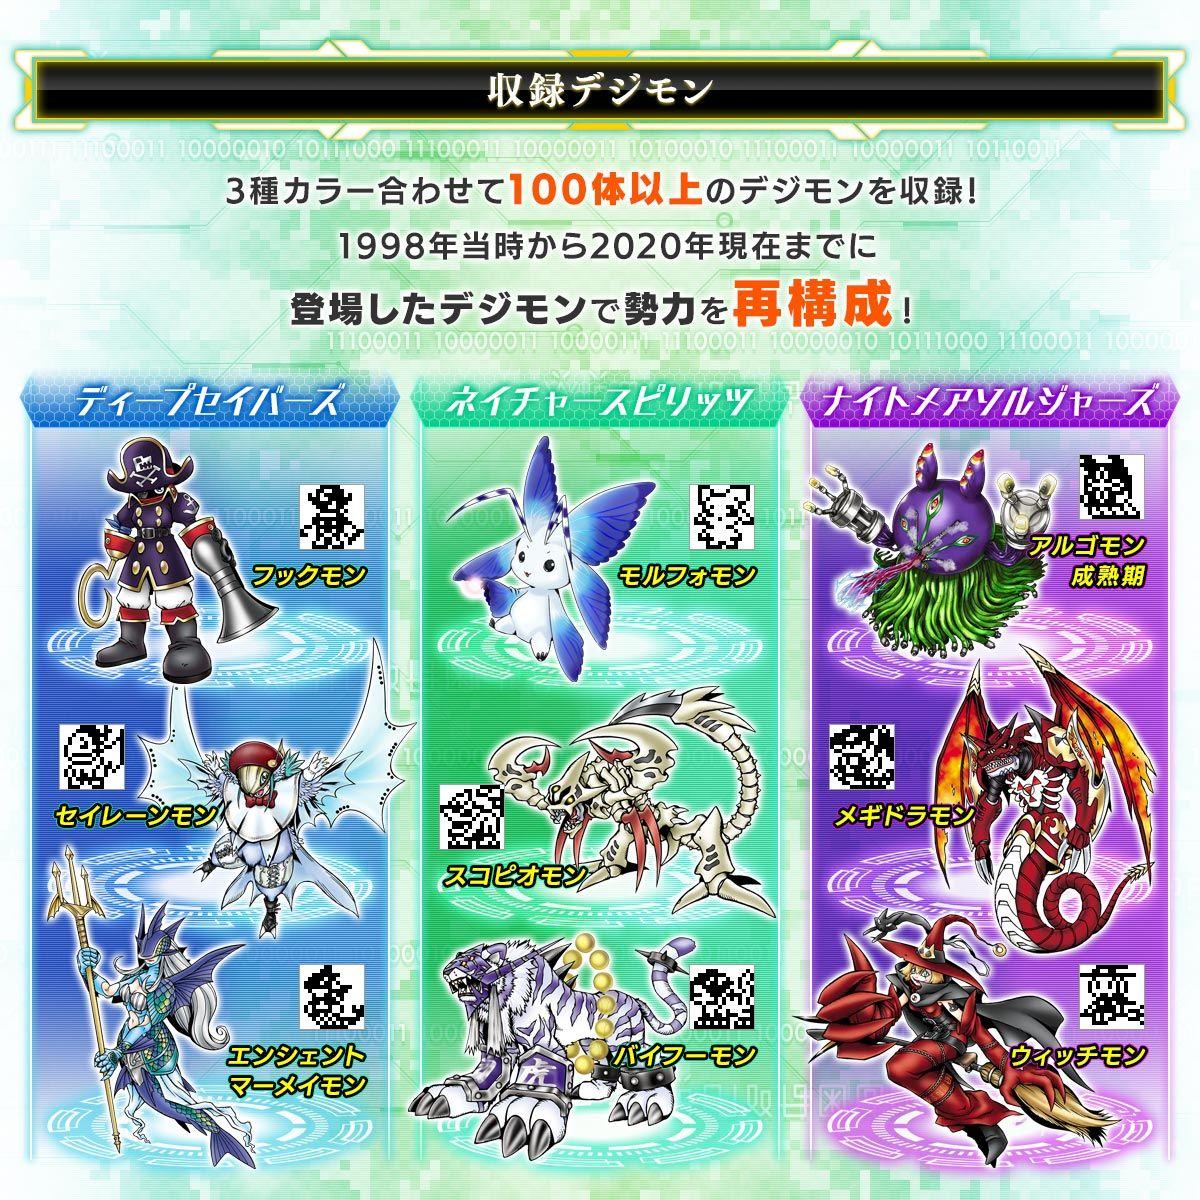 【限定販売】デジタルモンスター『デジモンペンデュラムZ』携帯型液晶育成ゲーム-003